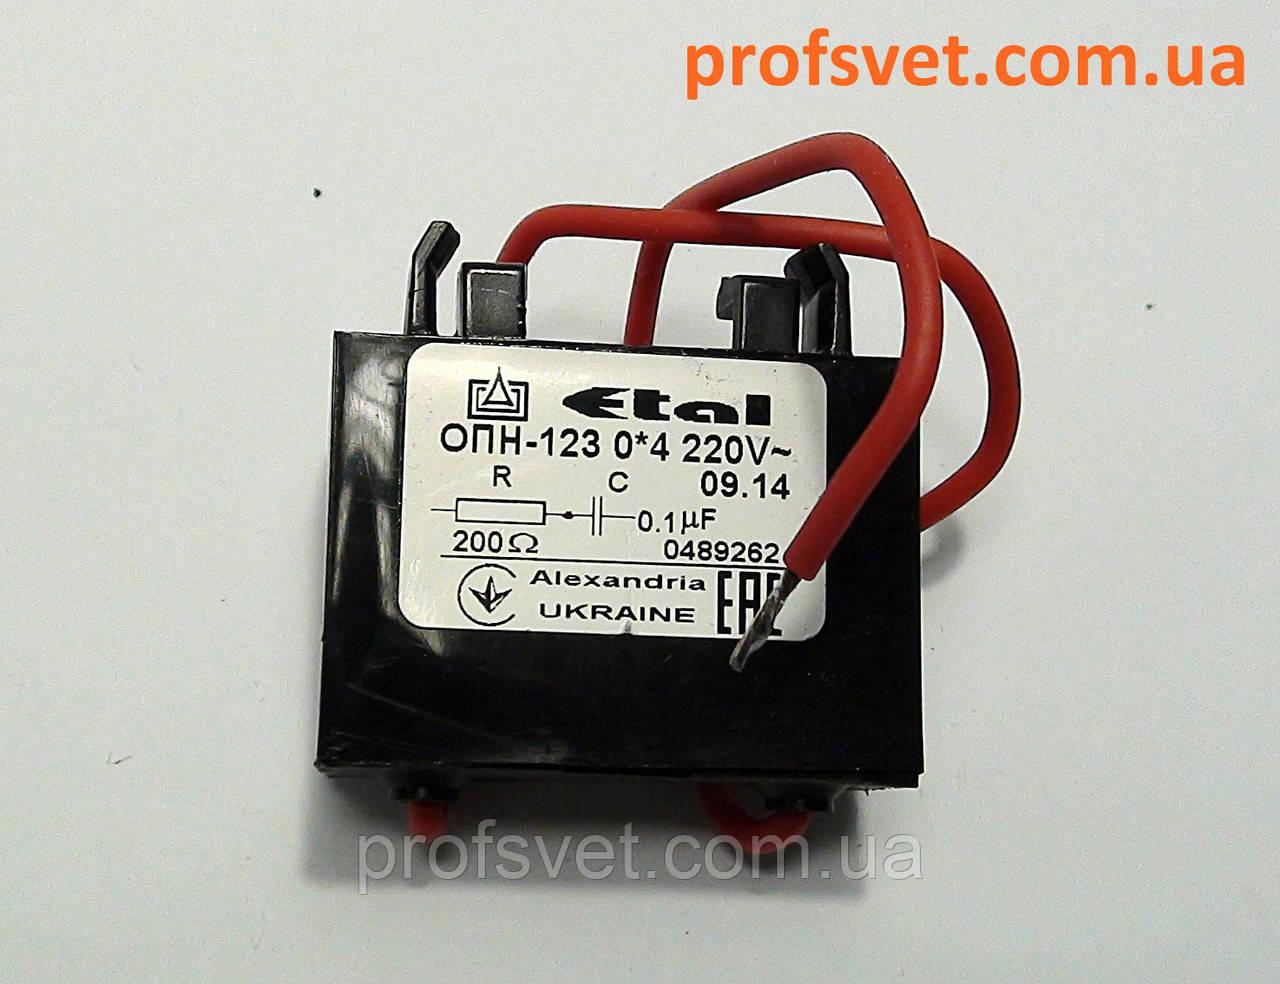 Ограничитель перенапряжения ОПН-123 220 вольт